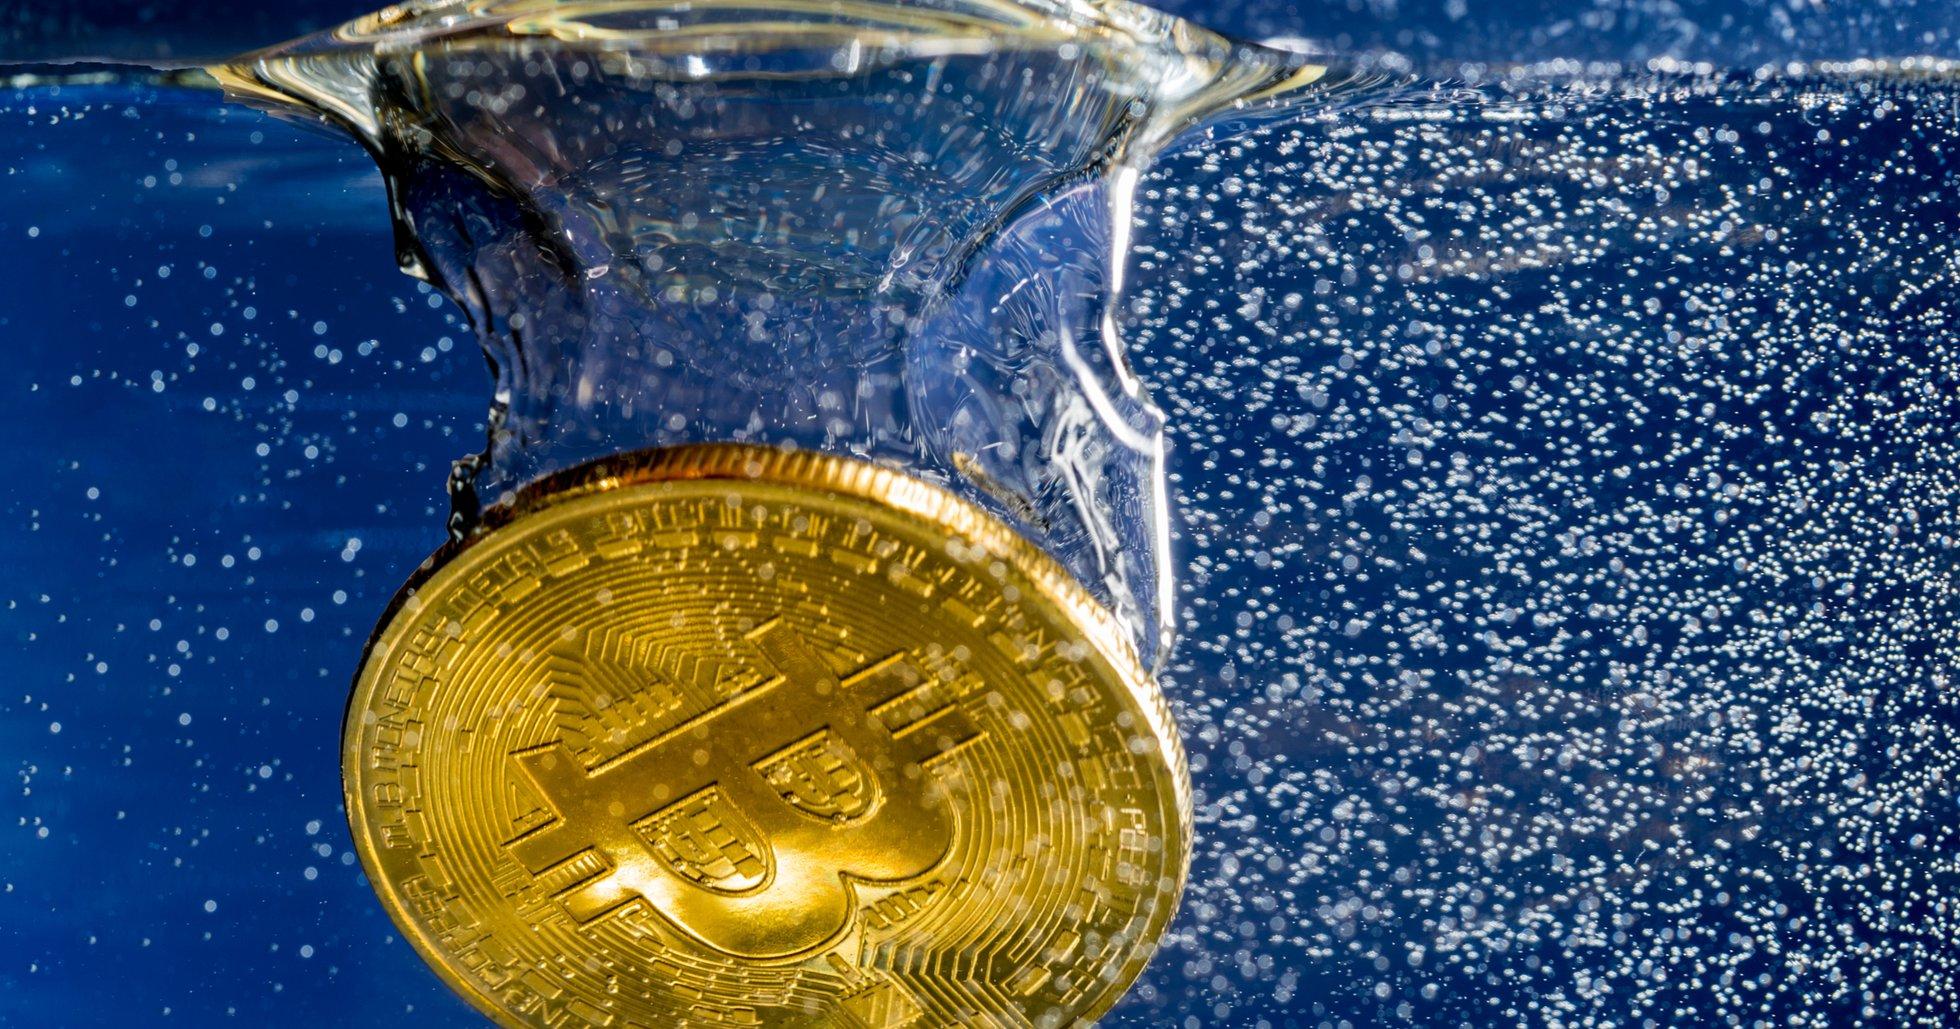 Inflödet av bitcoin till kryptobörser stiger – nu varnar analyssajt för massförsäljningar.